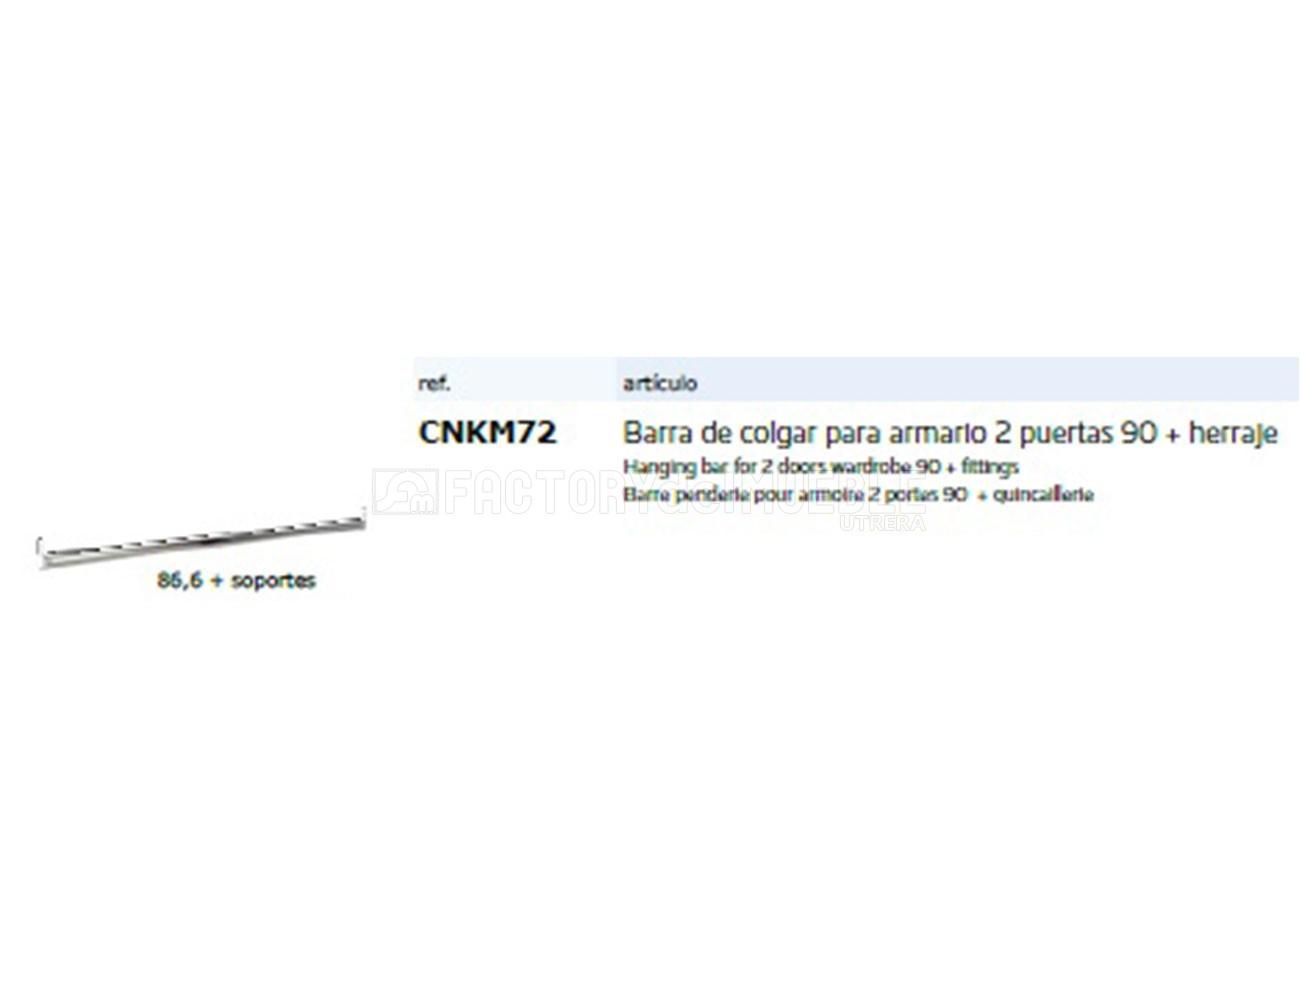 Cnkm72 barra colgar para armario 2p 90+herraje